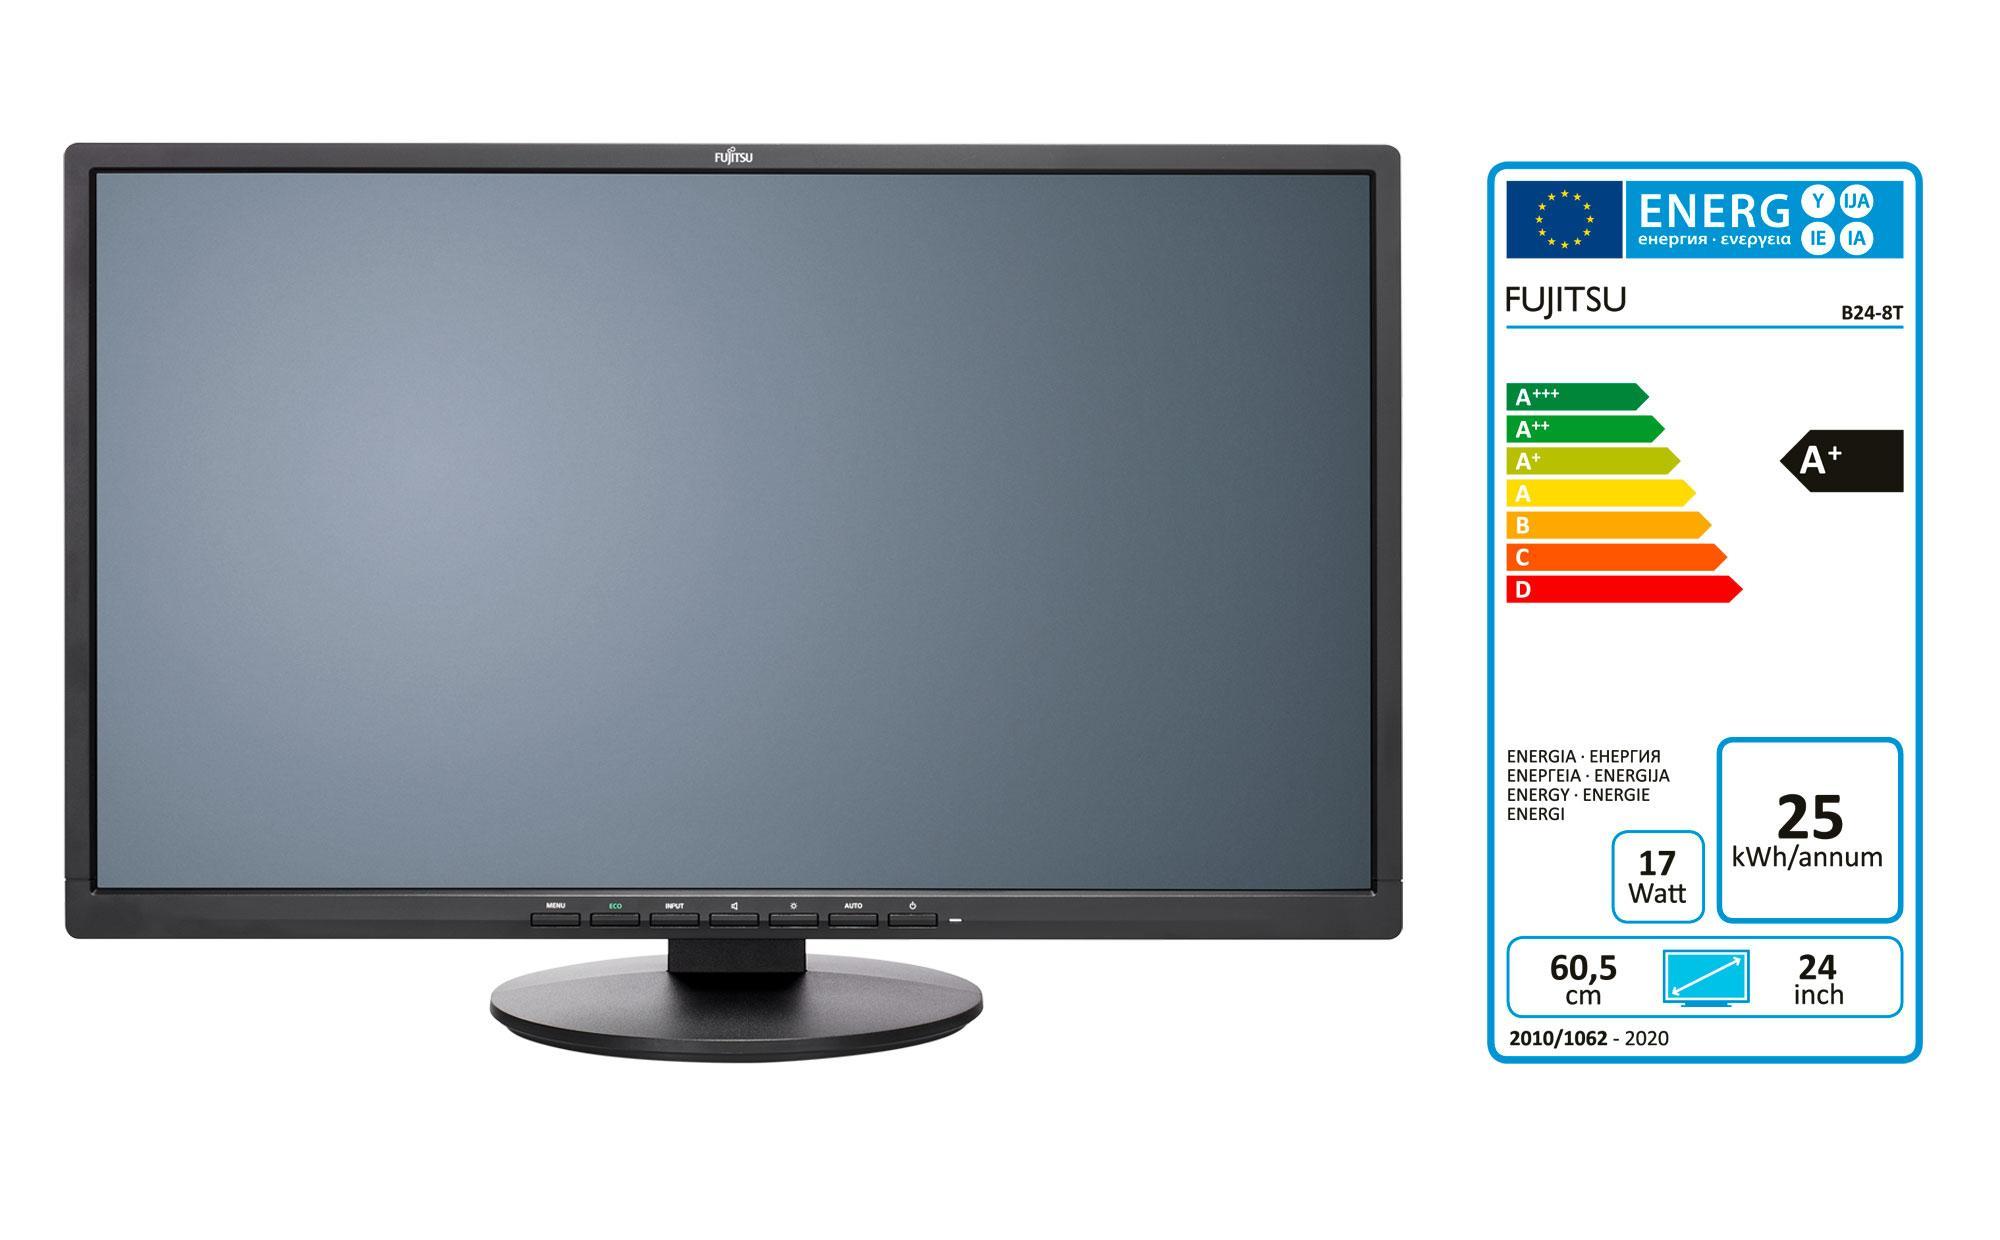 Монитор FUJITSU E24-8 TS Pro, IPS, 23.8 inch, Wide, Full HD, DVI, VGA, DisplayPort, Черен